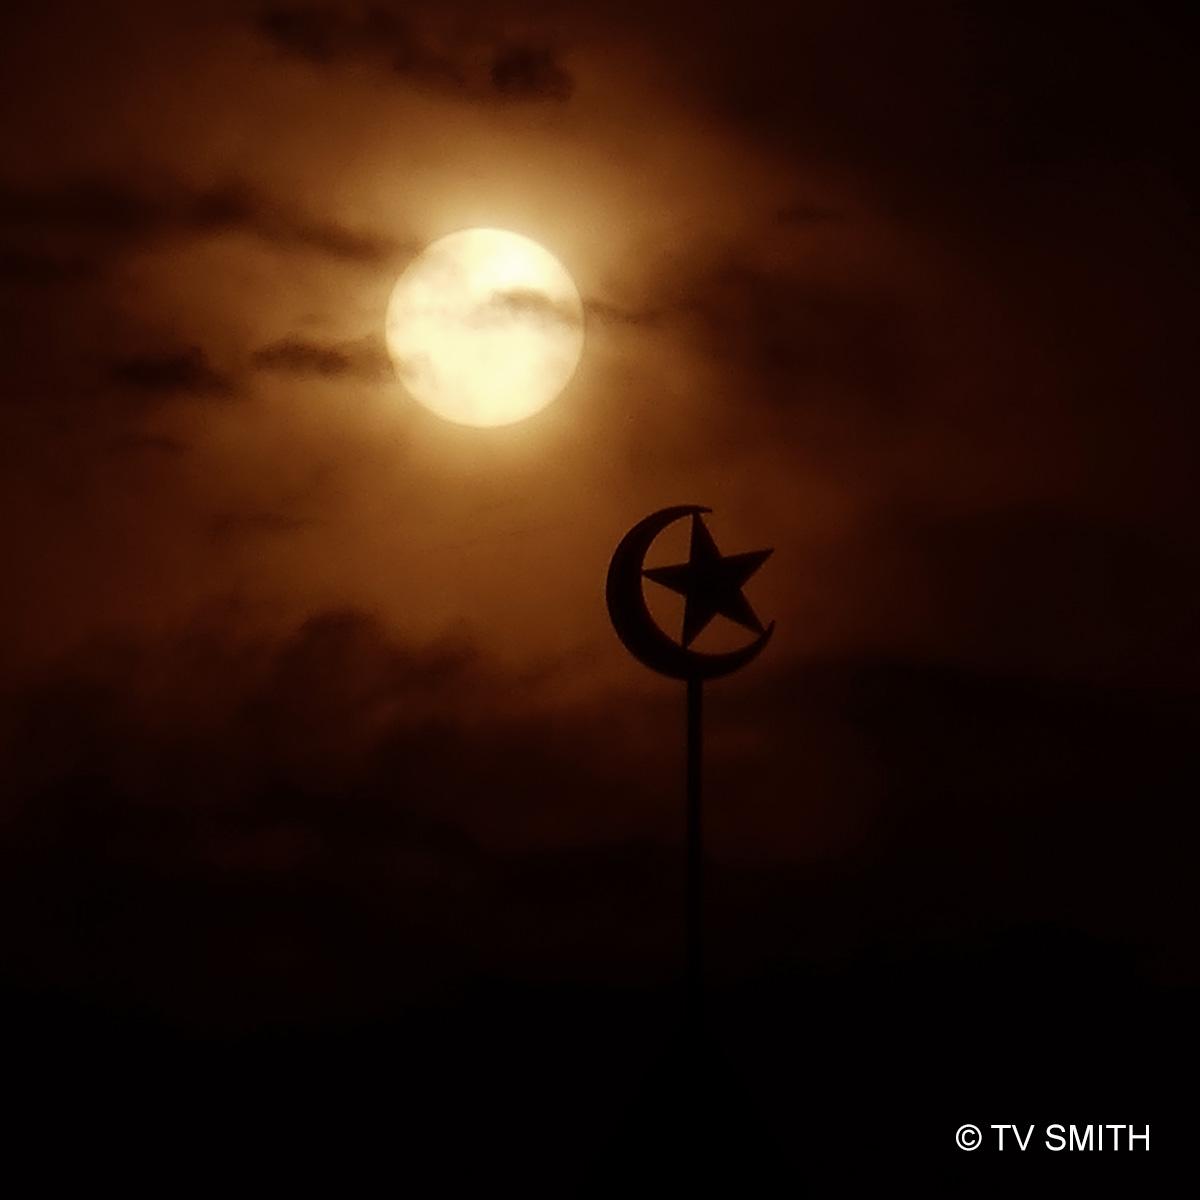 Sun, Moon And A Star